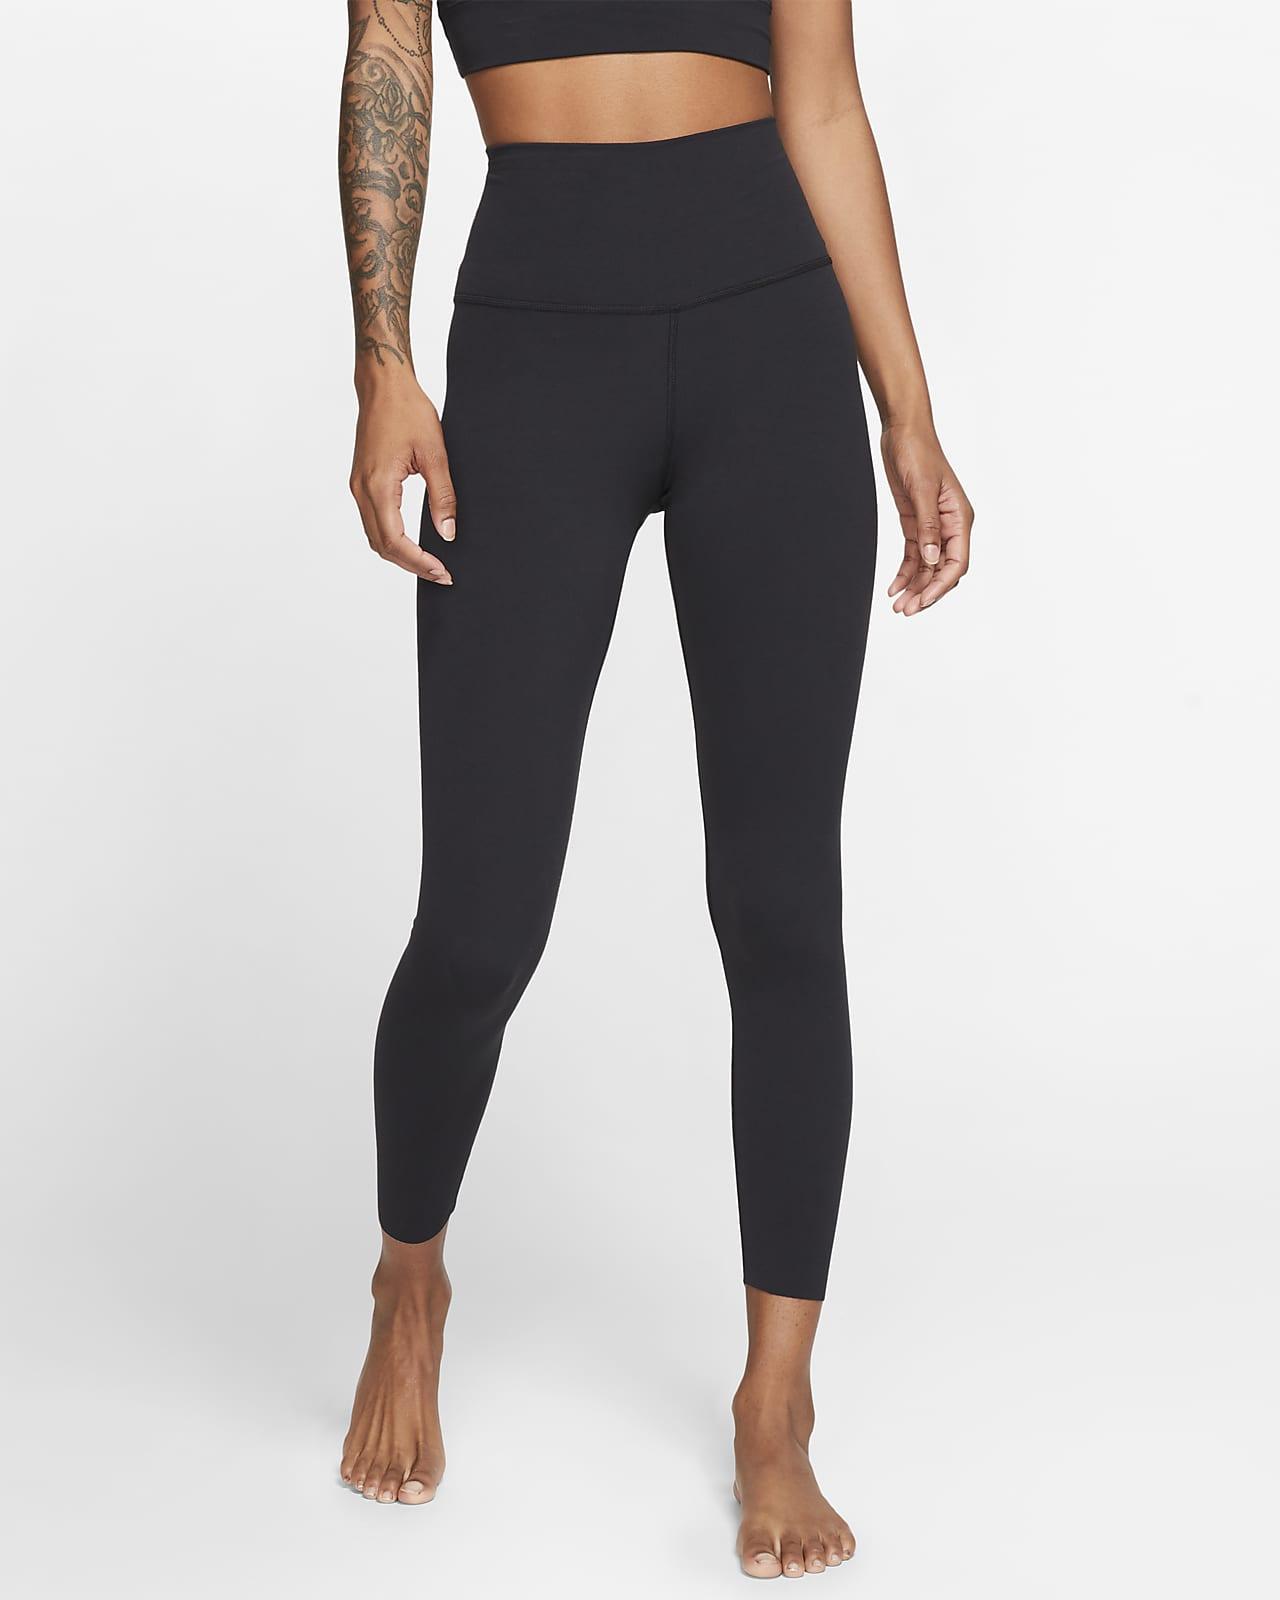 Γυναικείο κολάν Infinalon 7/8 Nike Yoga Luxe